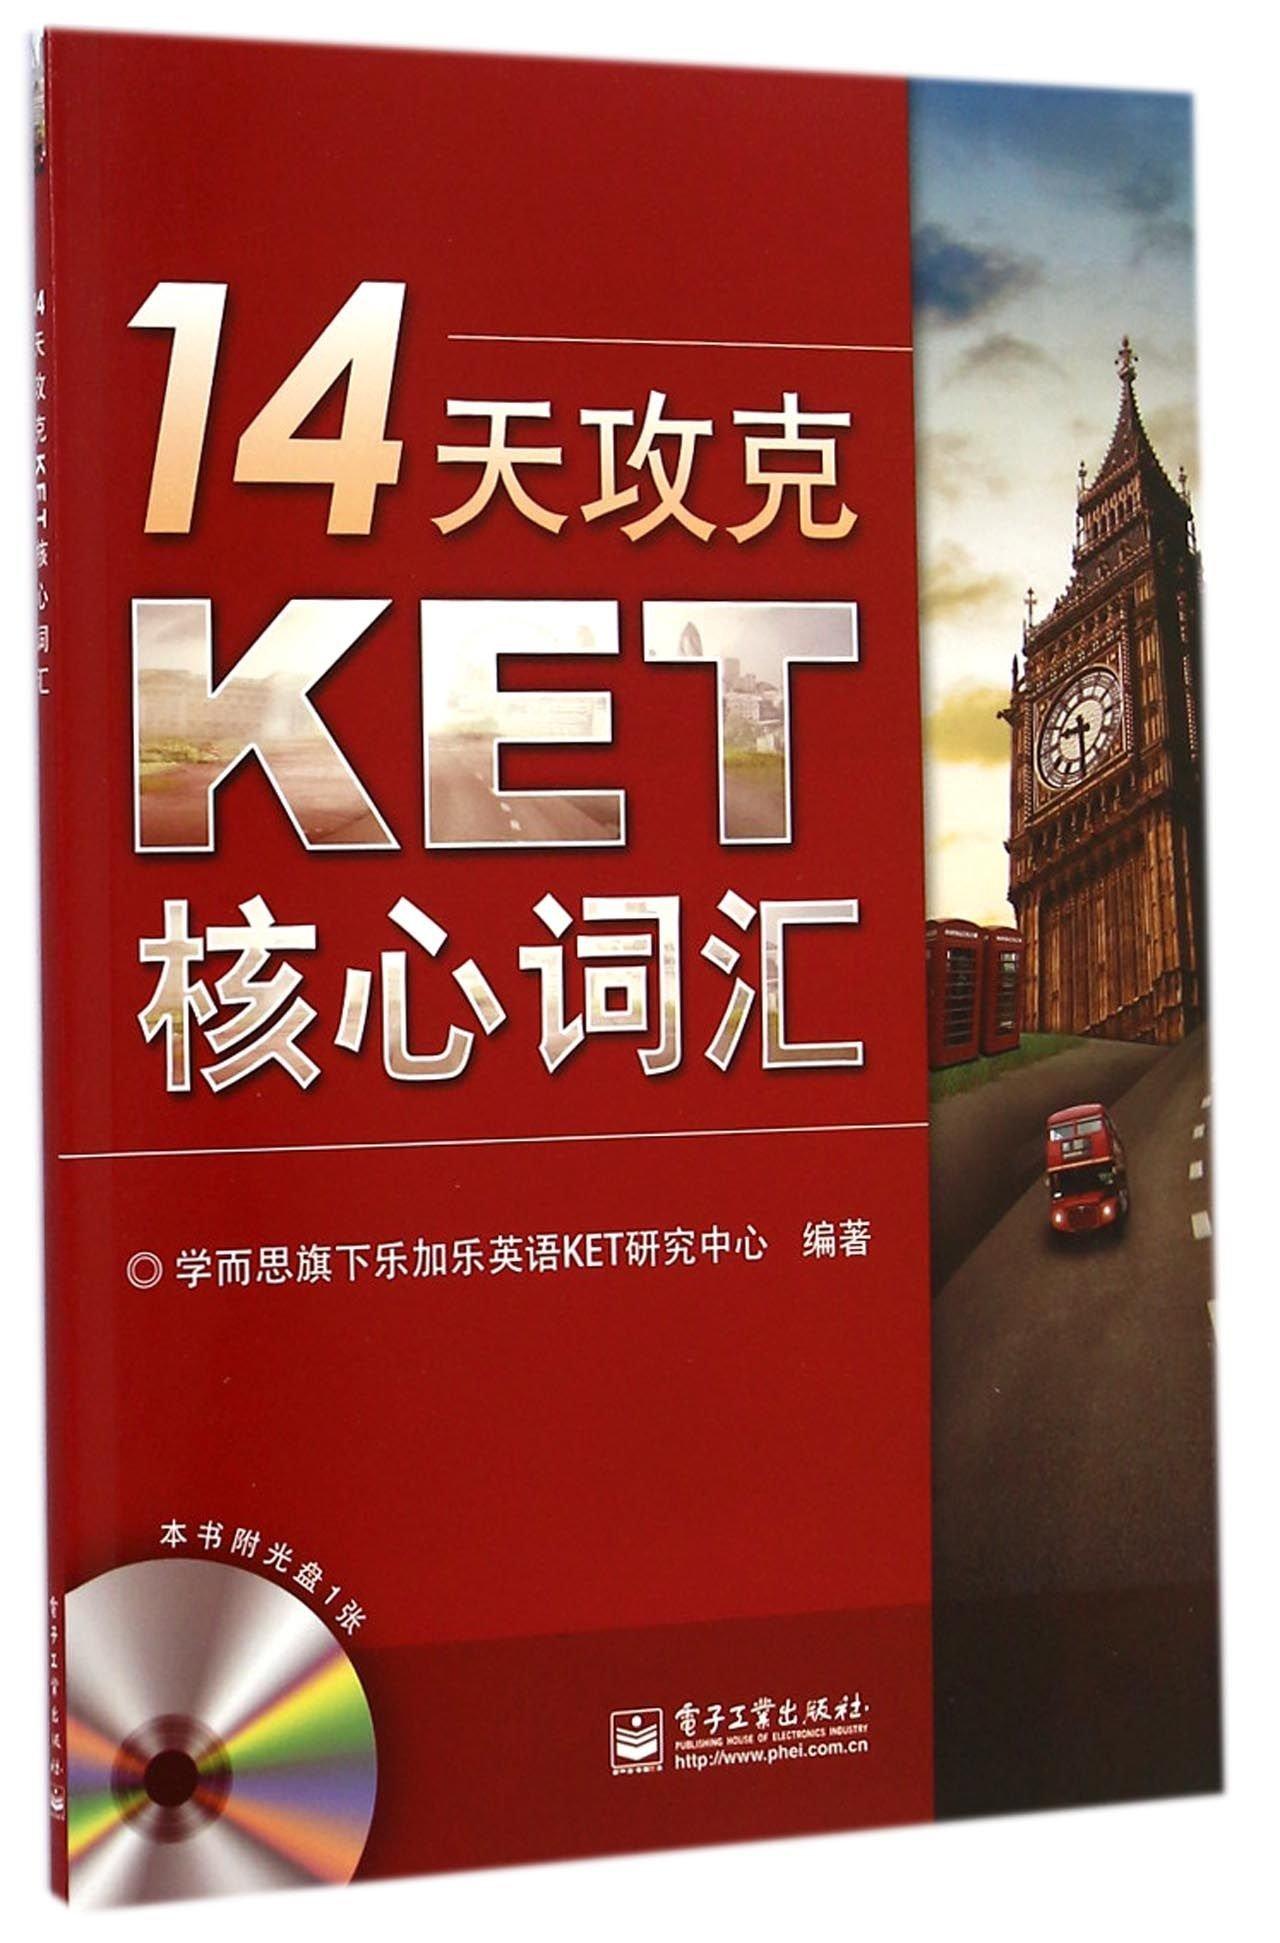 14天攻克KET核心词汇(附CD光盘1张) PDF